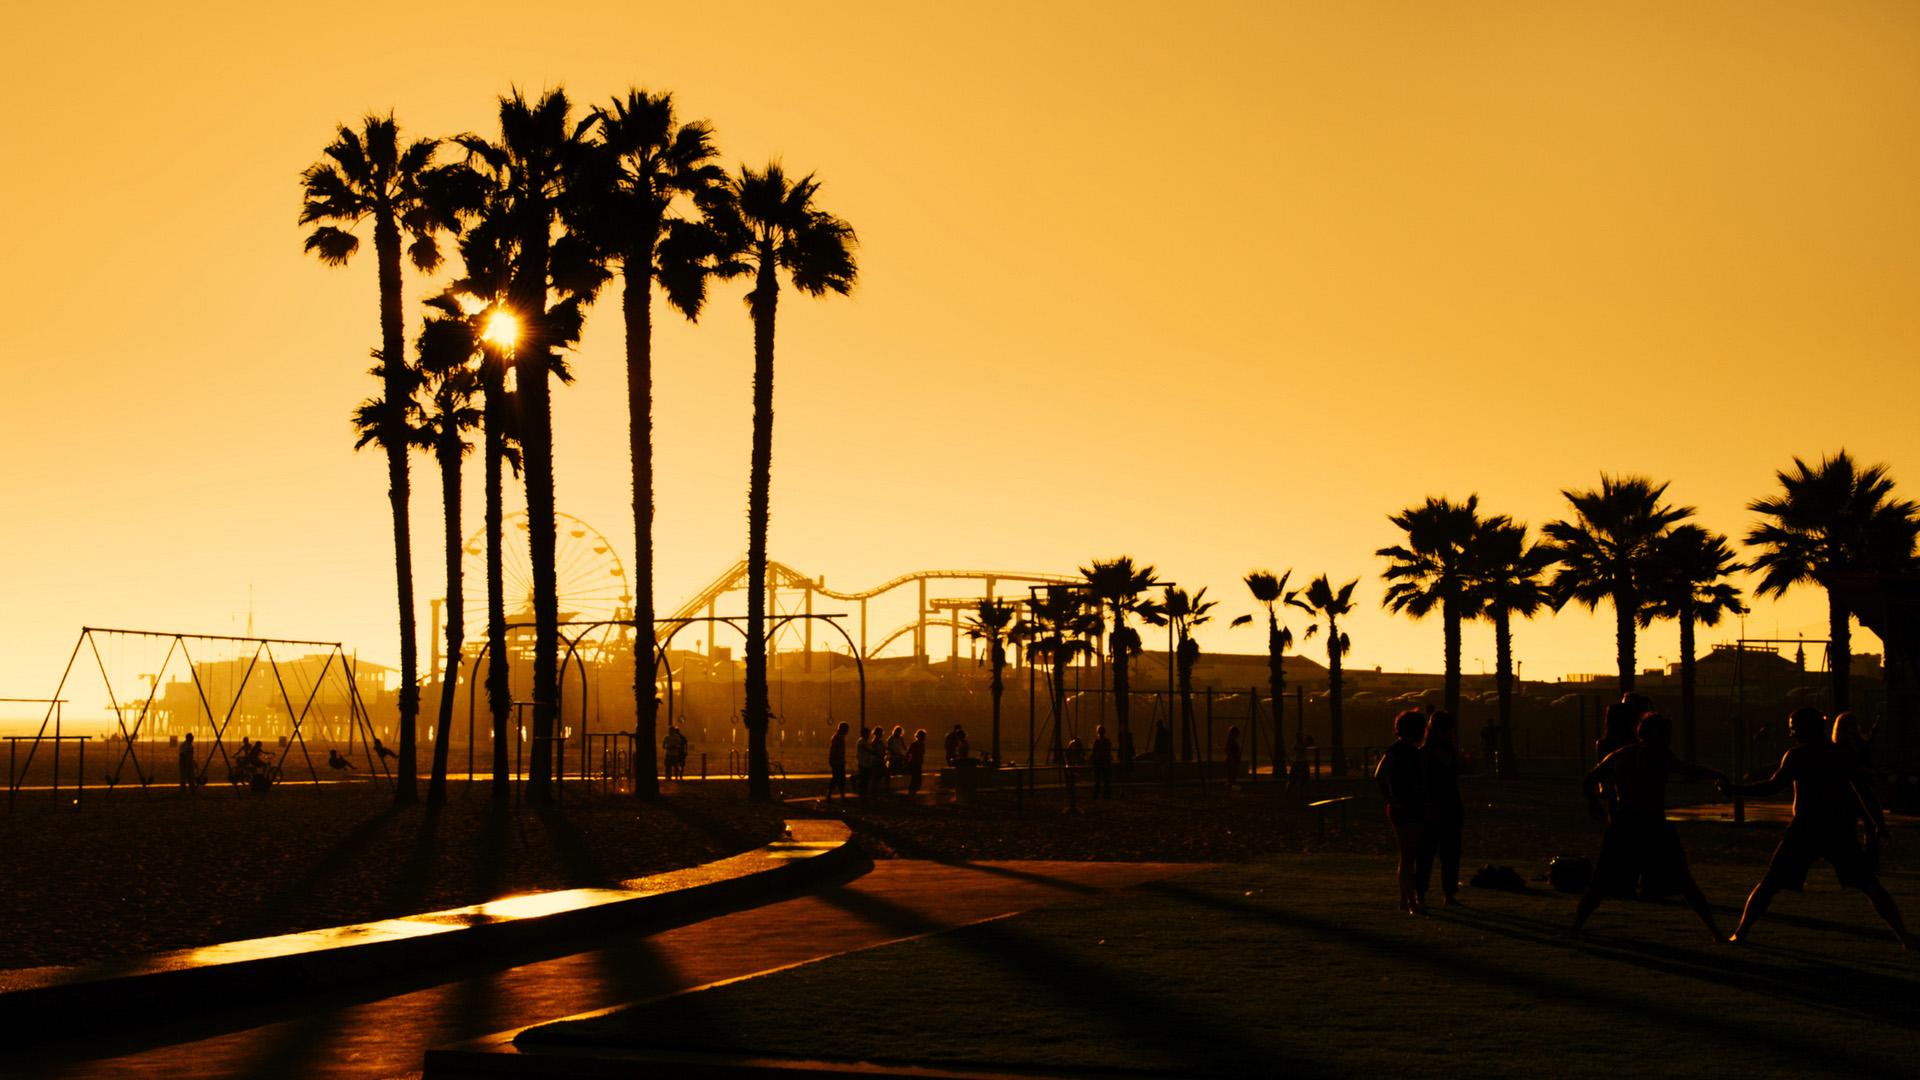 viaje barato a los Angeles